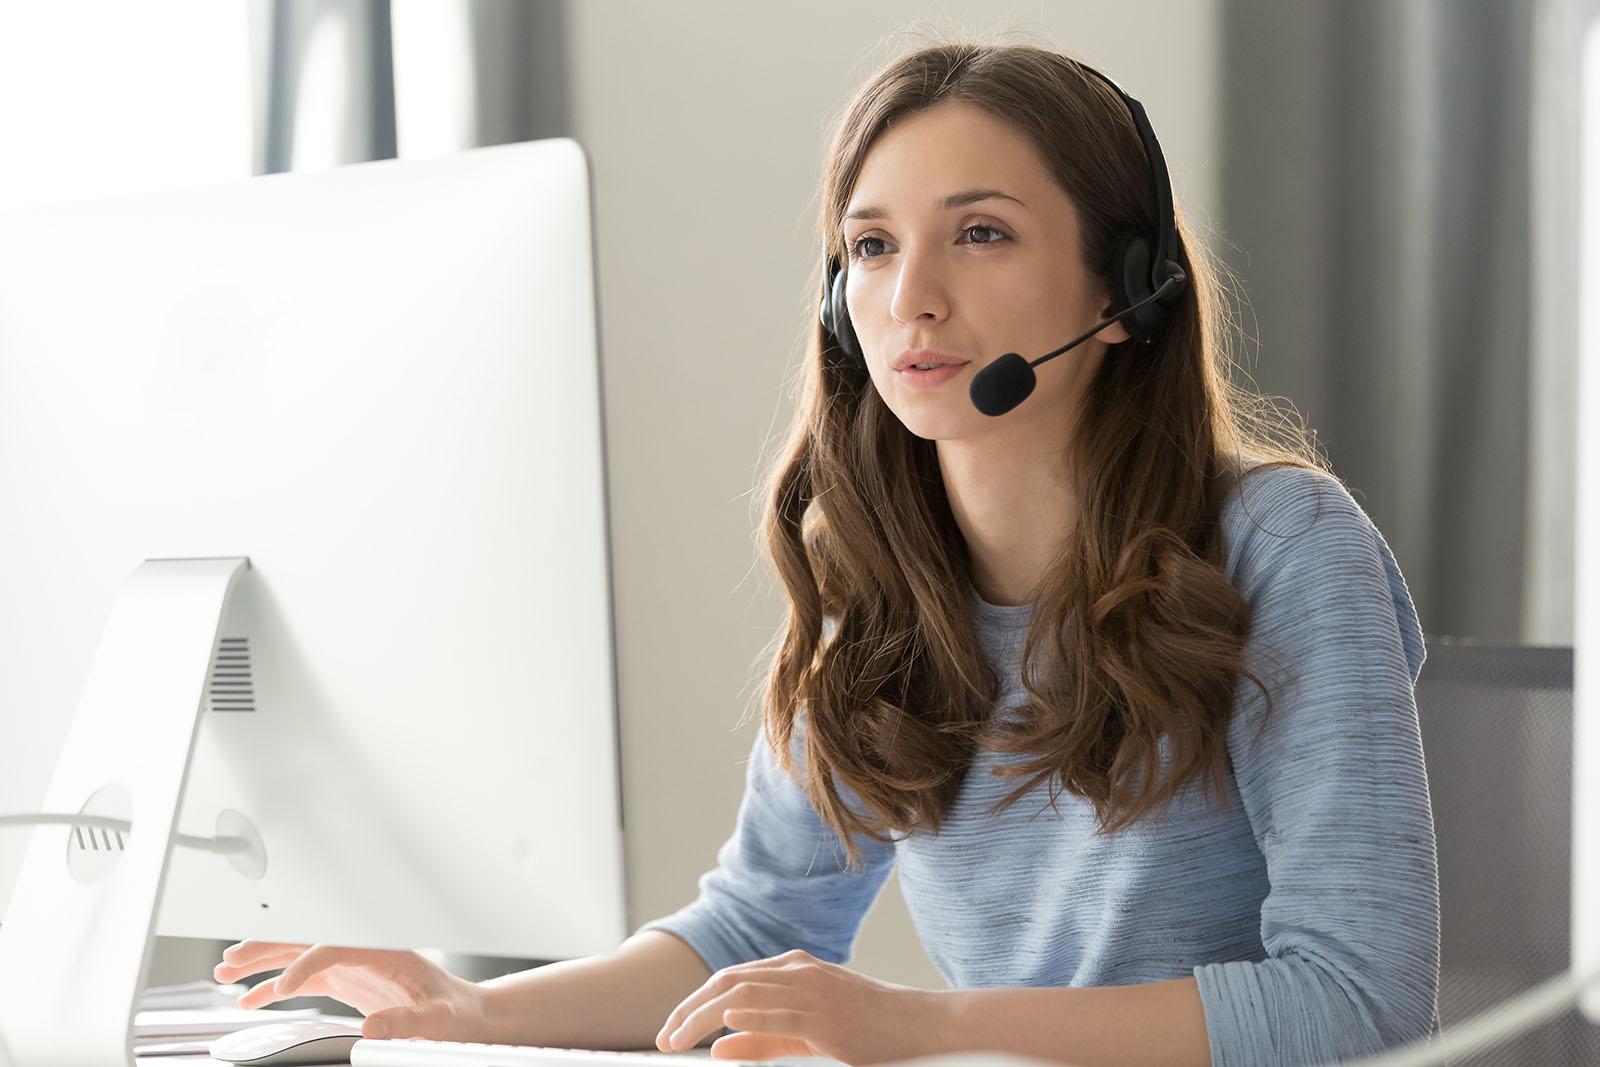 Call Center para optimizar la atención de tus clientes, prospectos, servicio de cobranzas, encuestas.